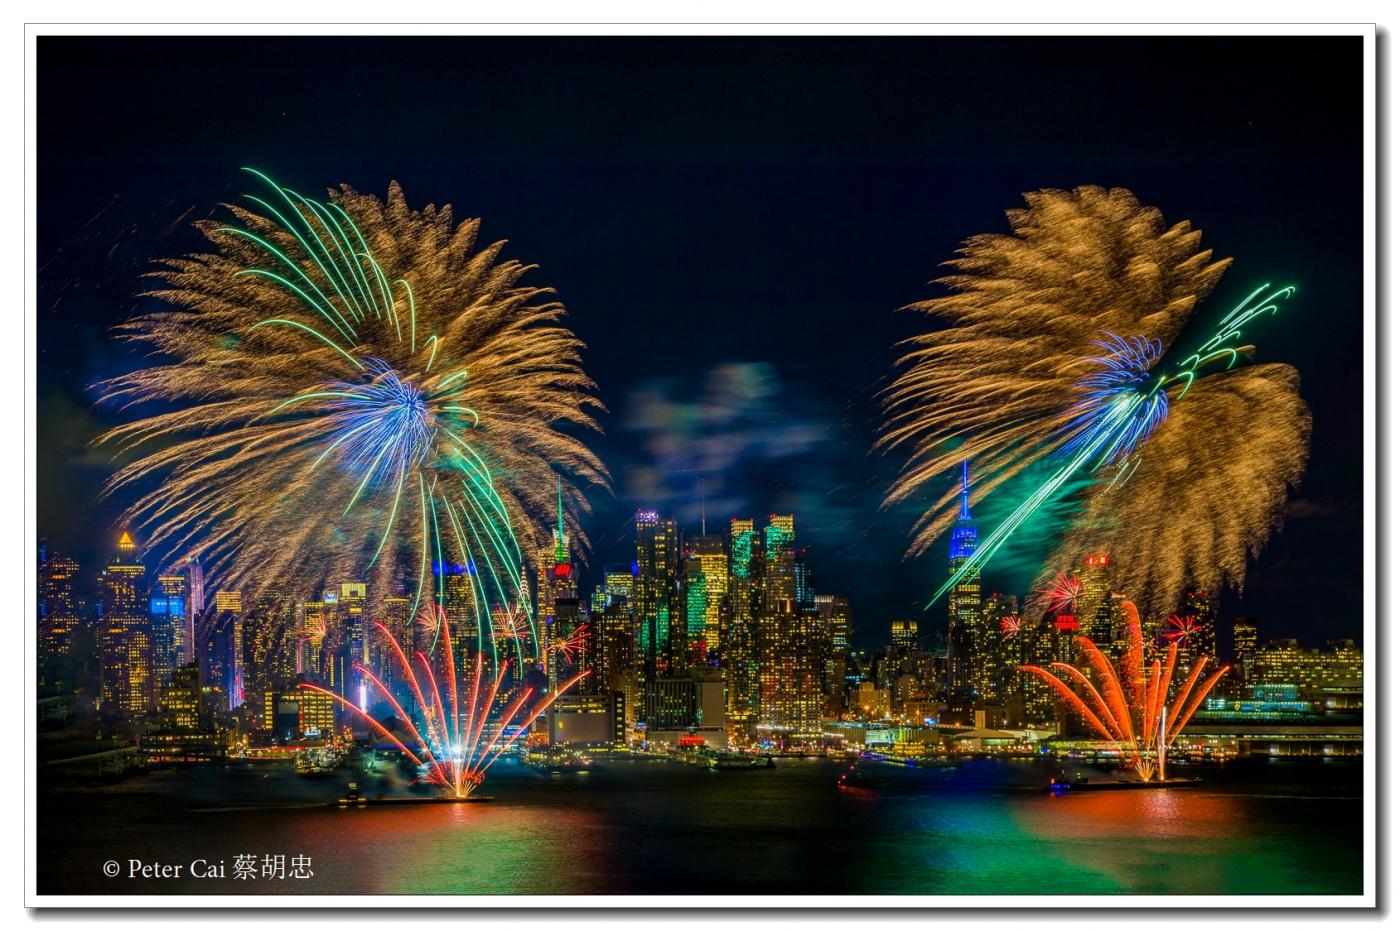 为庆祝中国新年, 纽约昨天晚上盛放焰火_图1-6